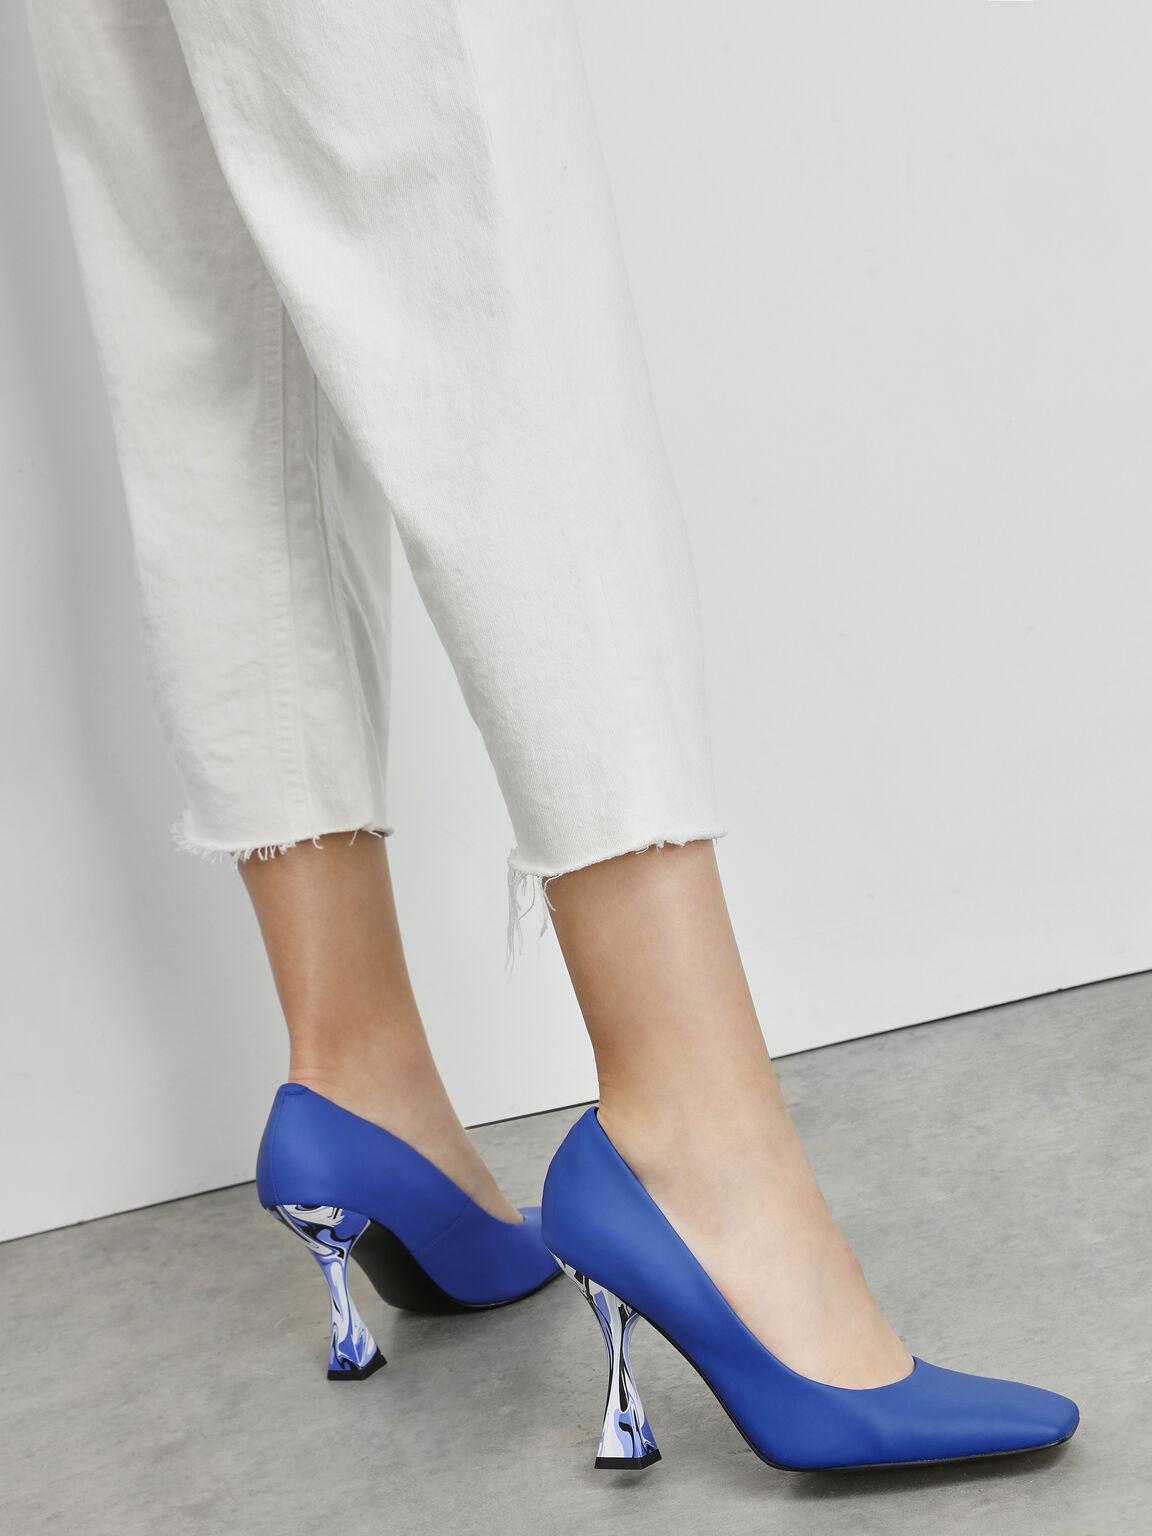 Square Toe Geometric Heel Pumps, Blue, hi-res